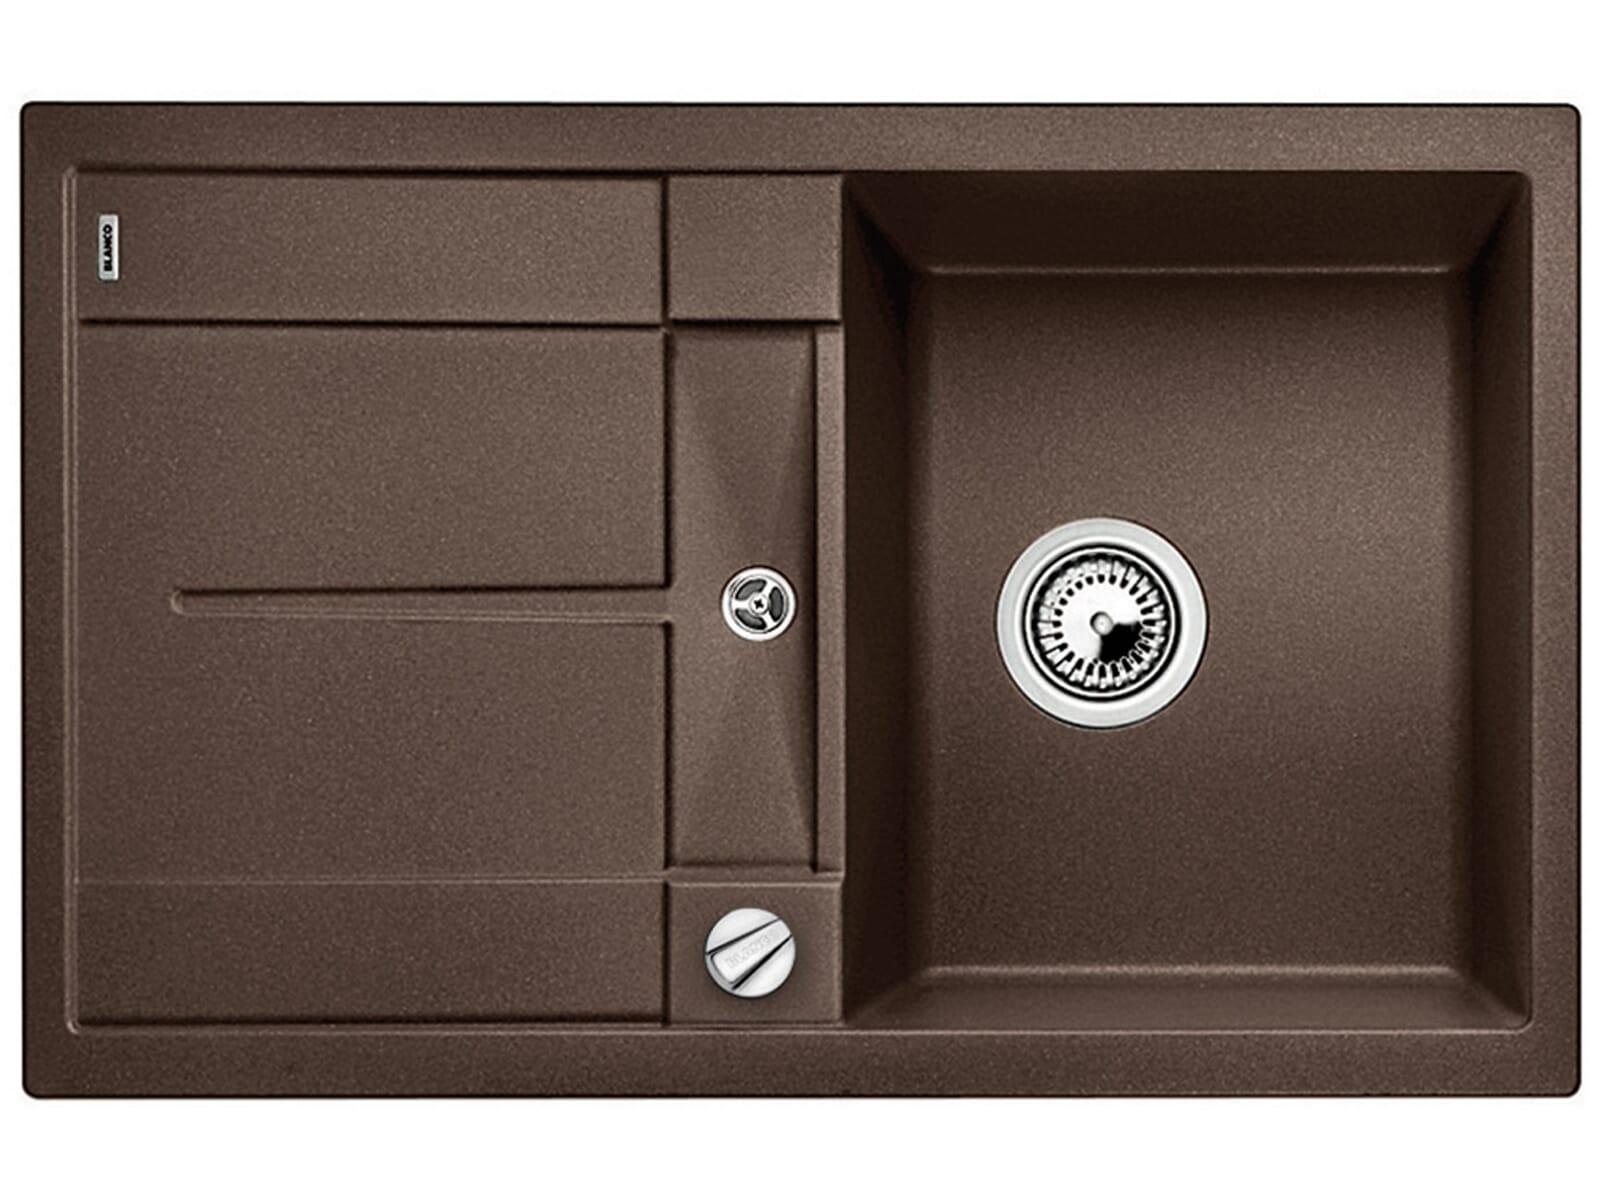 blanco metra 45 s cafe granit sp le f r 178 90 eur shop. Black Bedroom Furniture Sets. Home Design Ideas